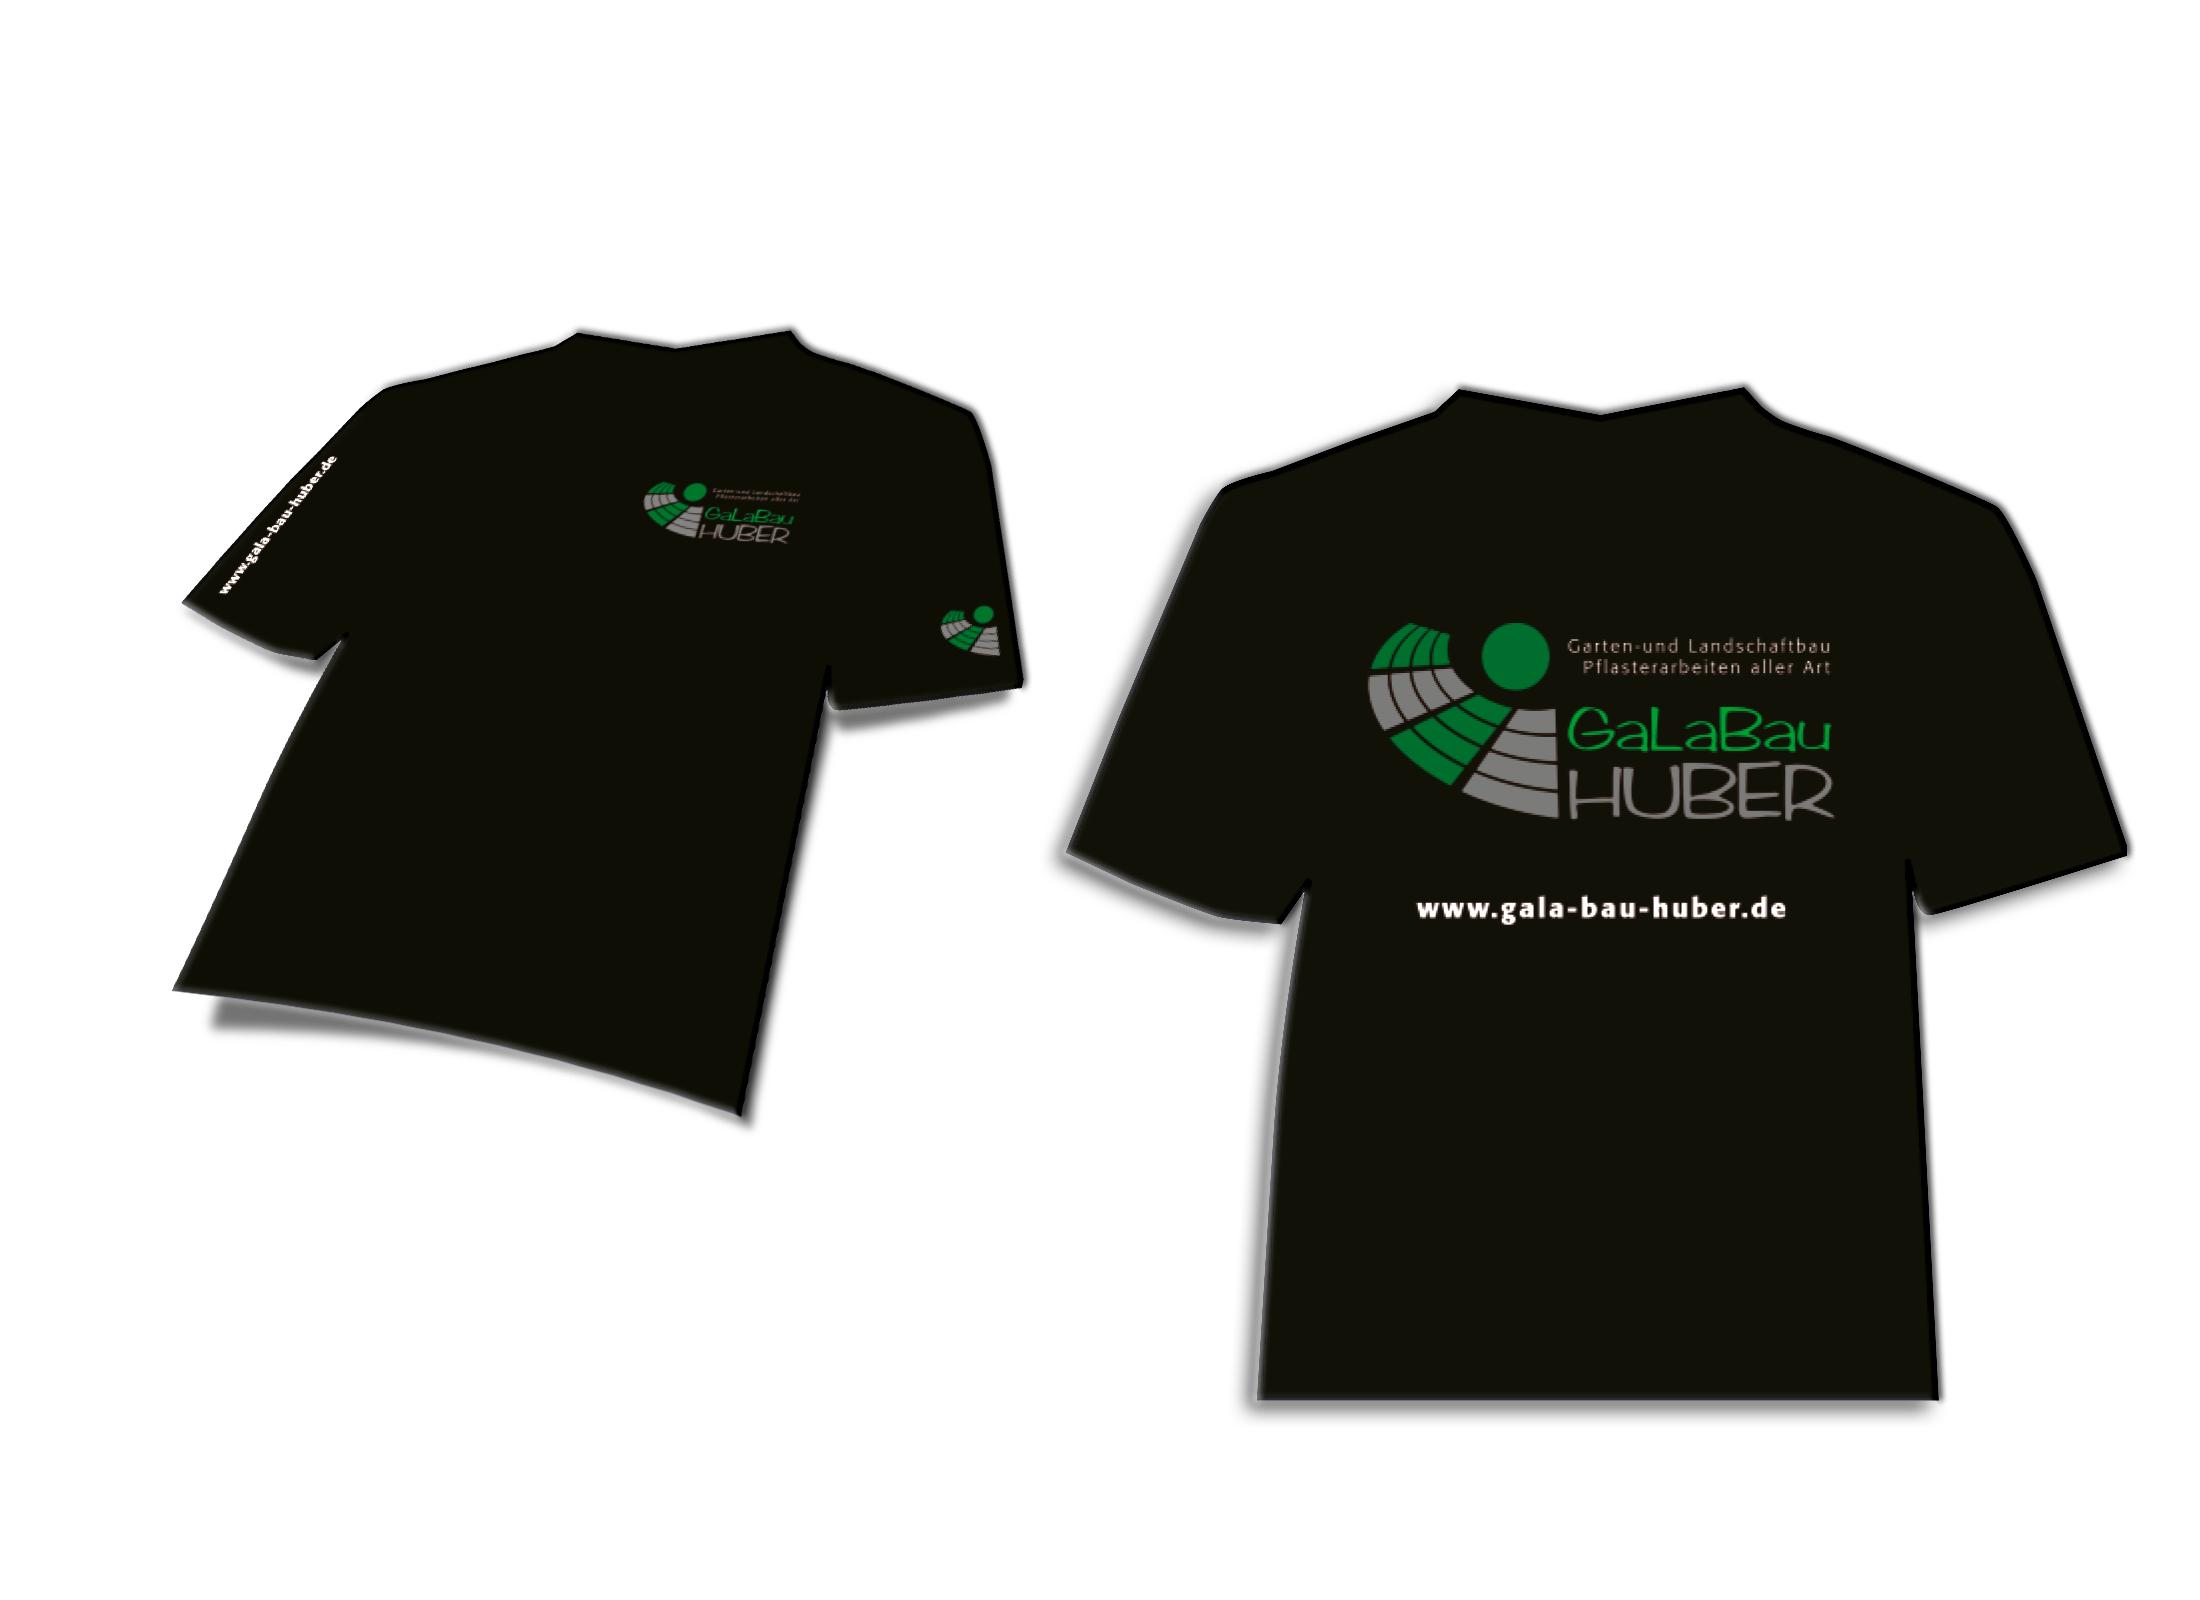 GalaBau Huber T-Shirts